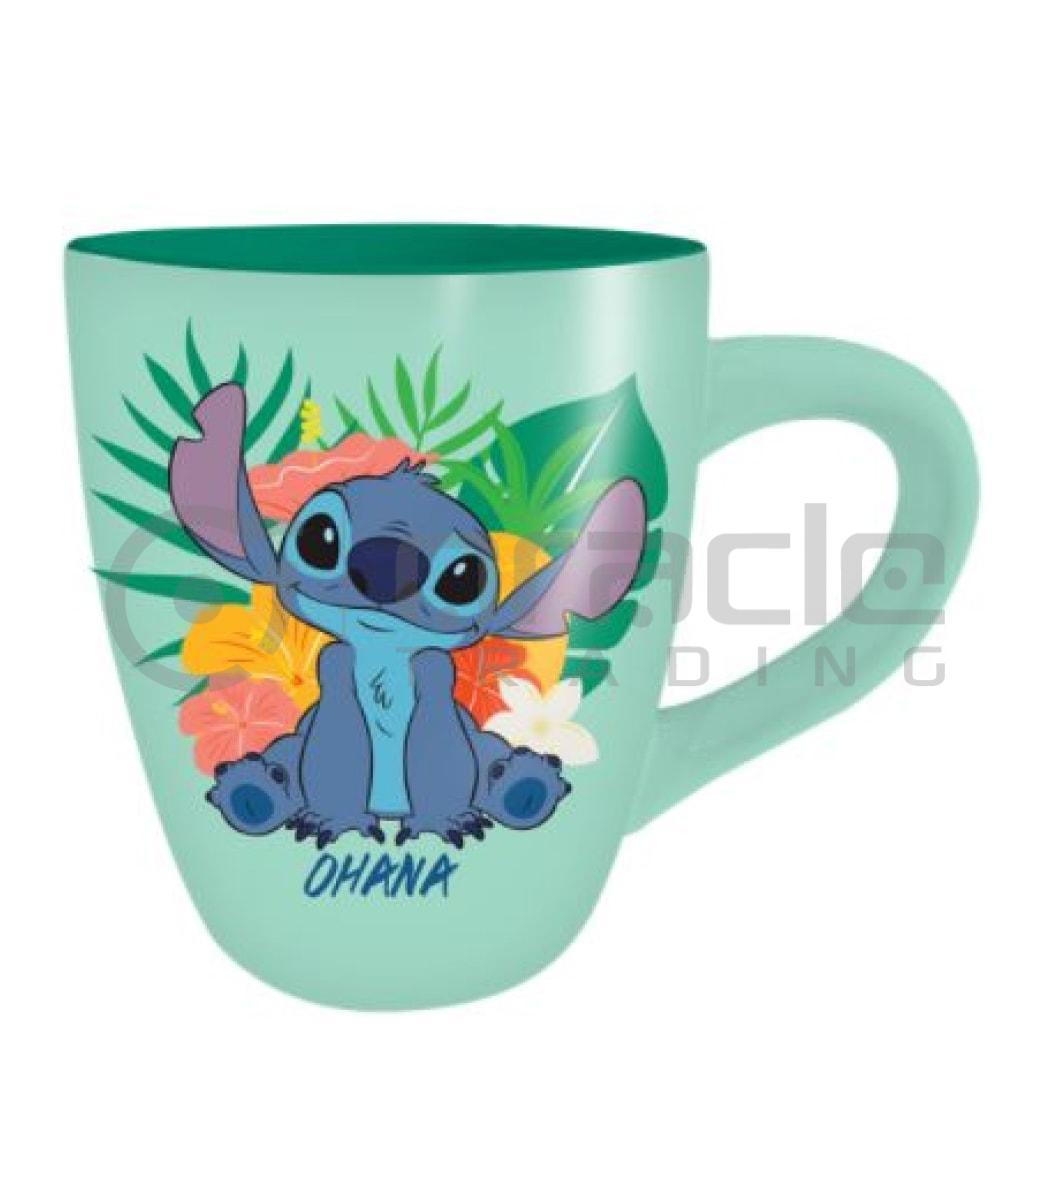 Lilo & Stitch Jumbo Tall Mug - Tropical Ohana